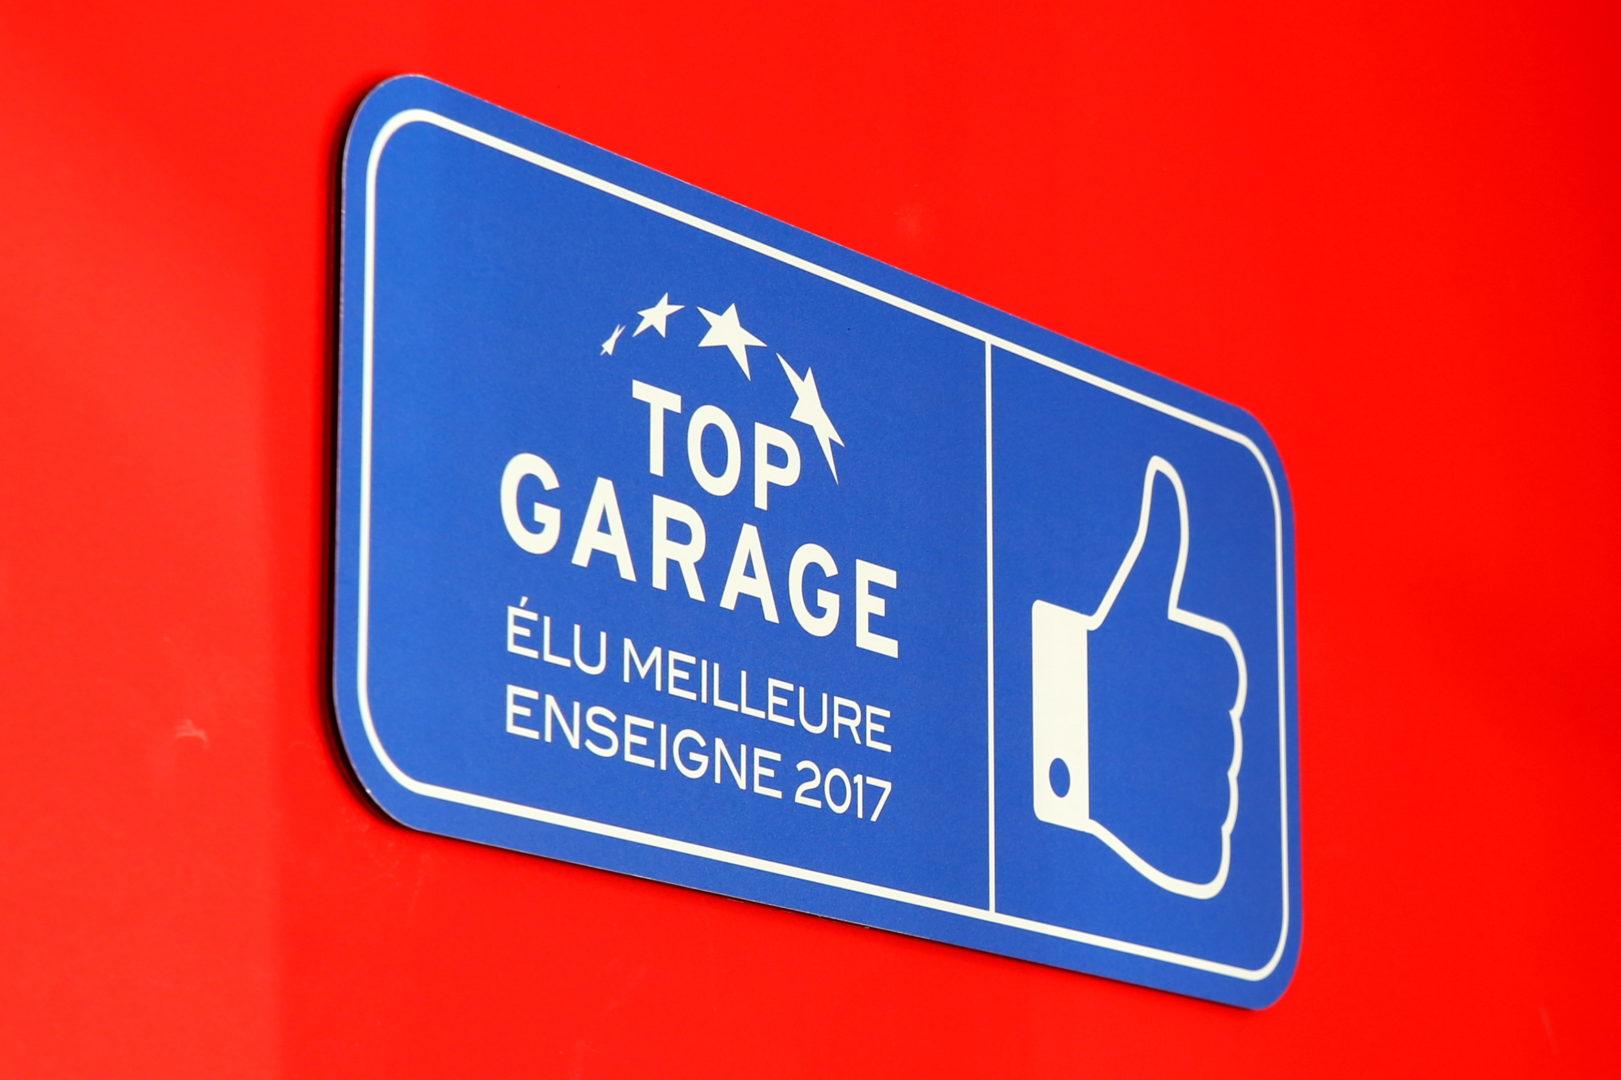 top garage meilleur enseigne 2017 - Accueil